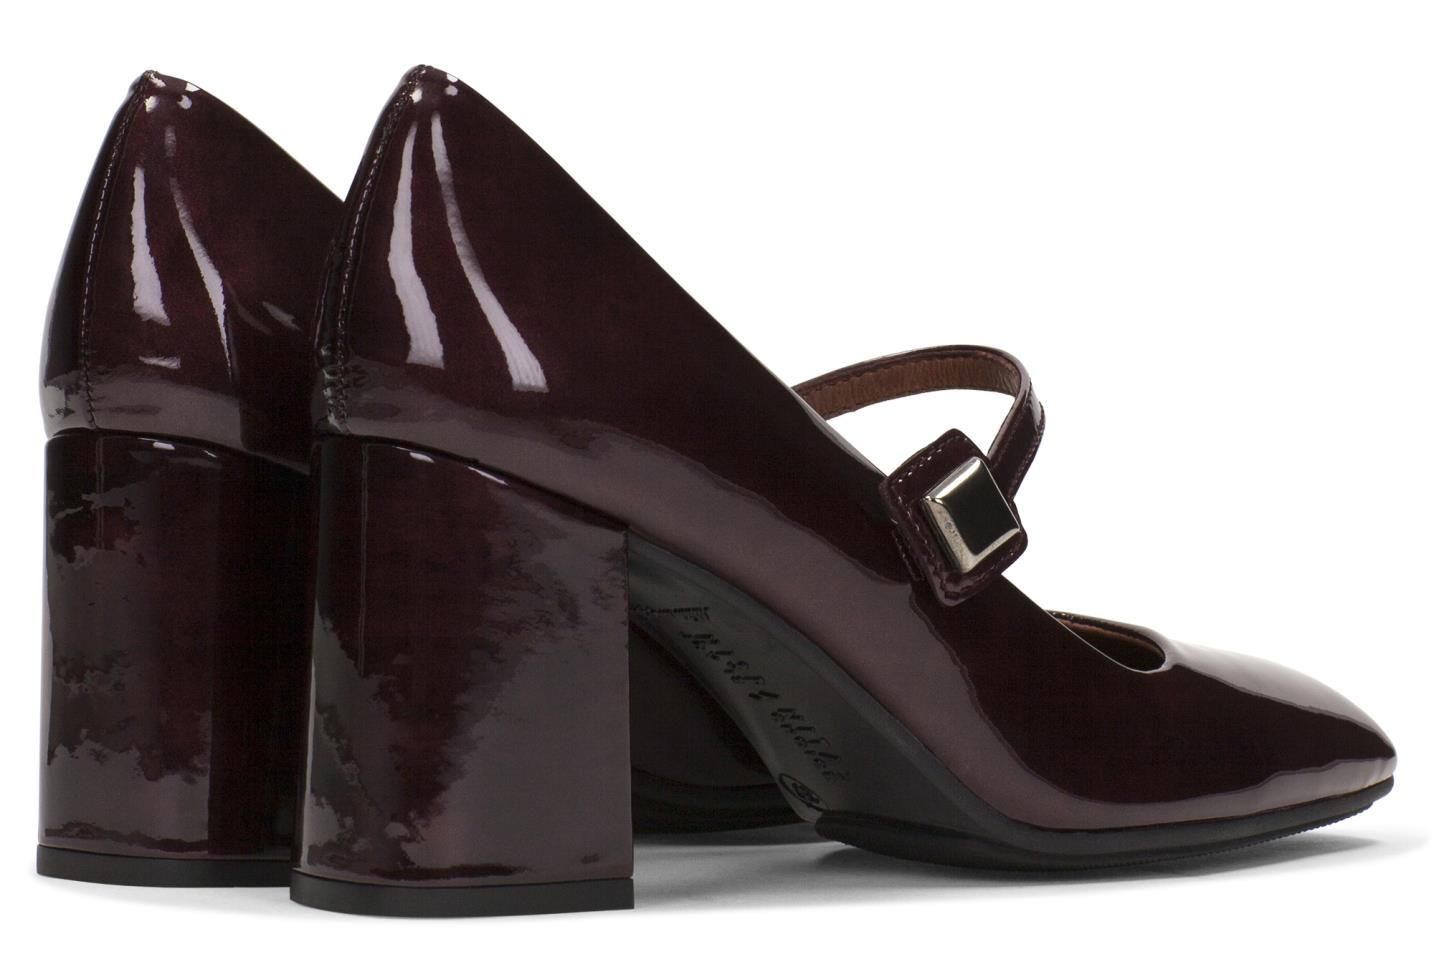 f93c273cae Los zapatos de tacón para mujer son uno de los zapatos que cualquier mujer  debe